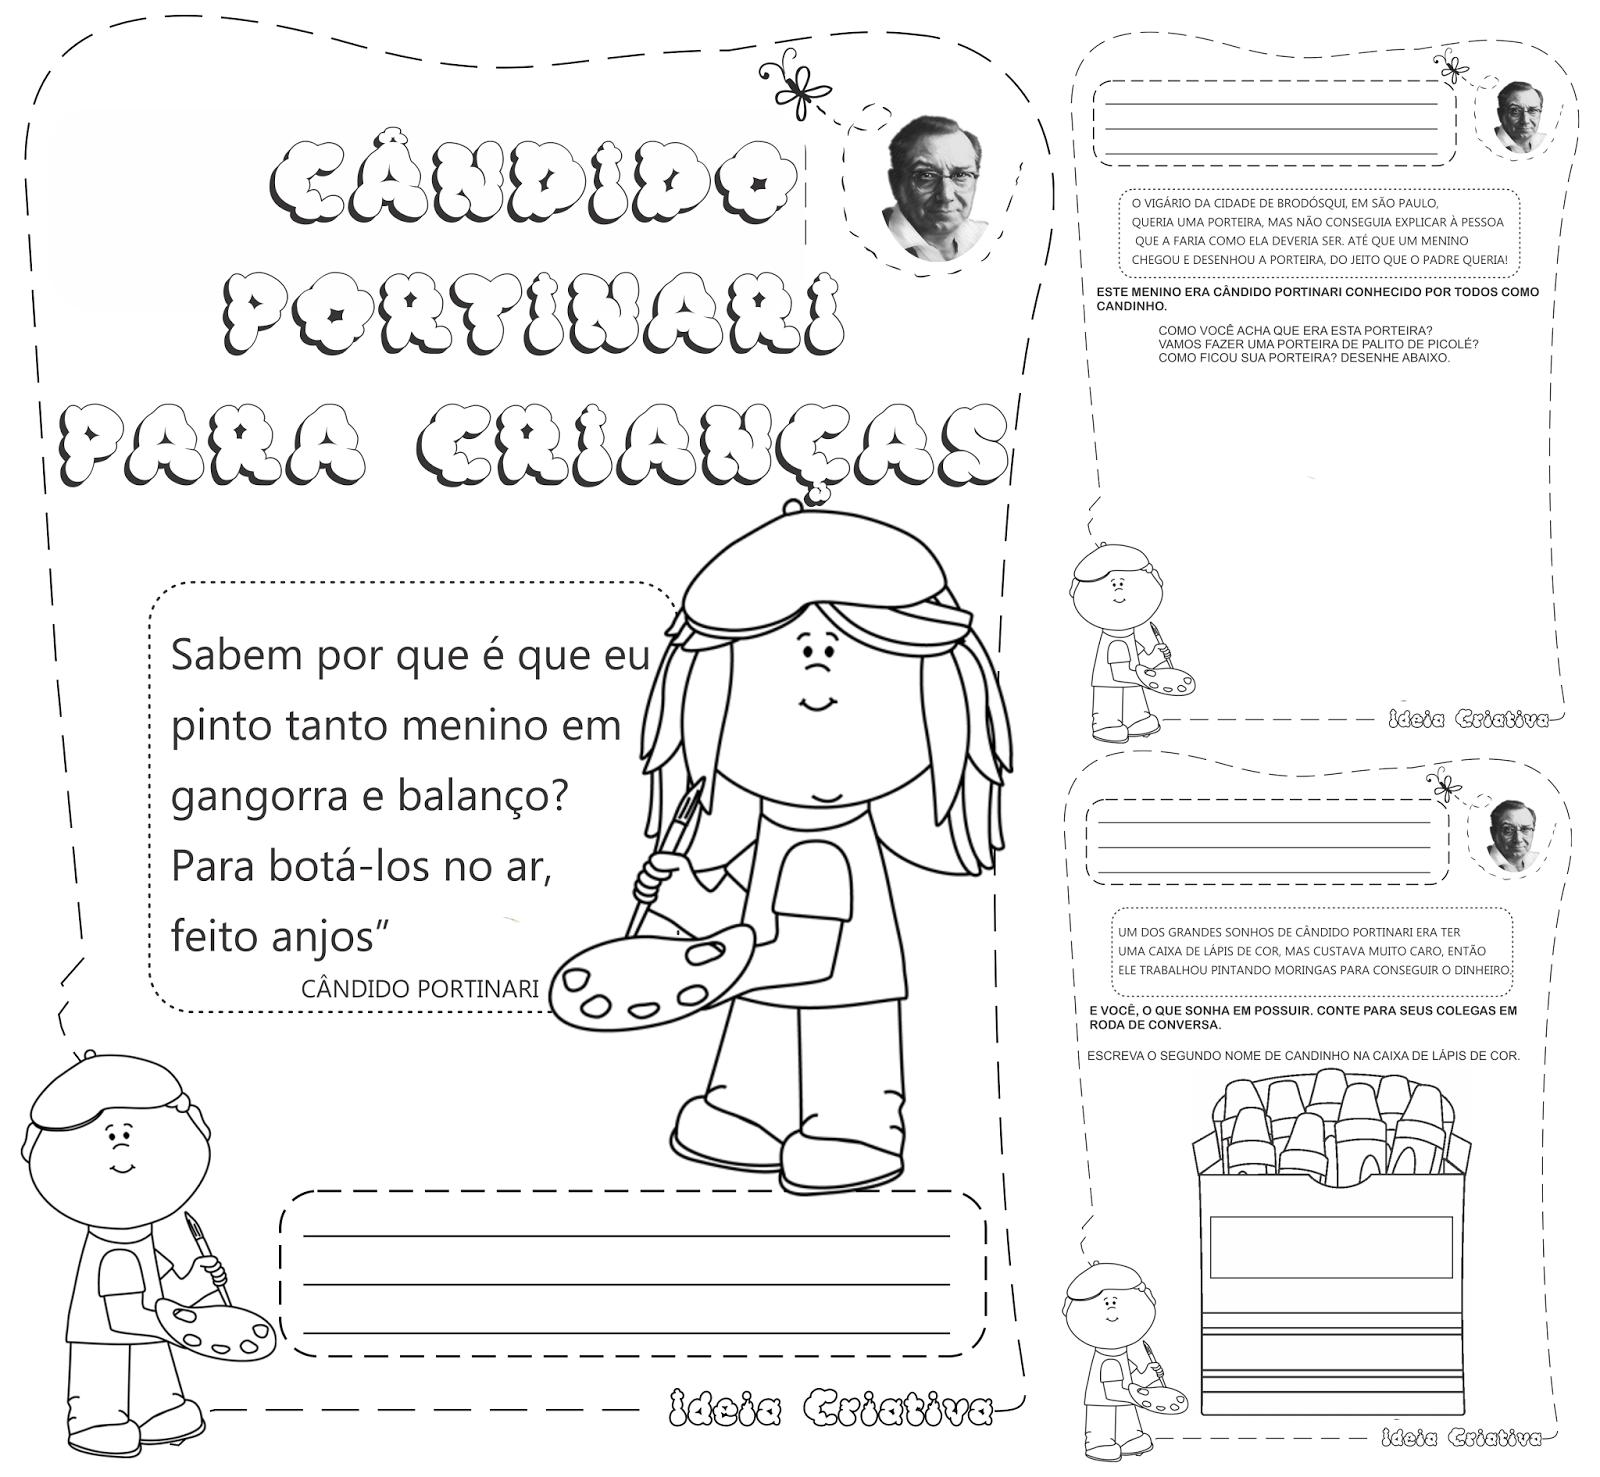 Caderno de Atividades Cândido Portinari para crianças